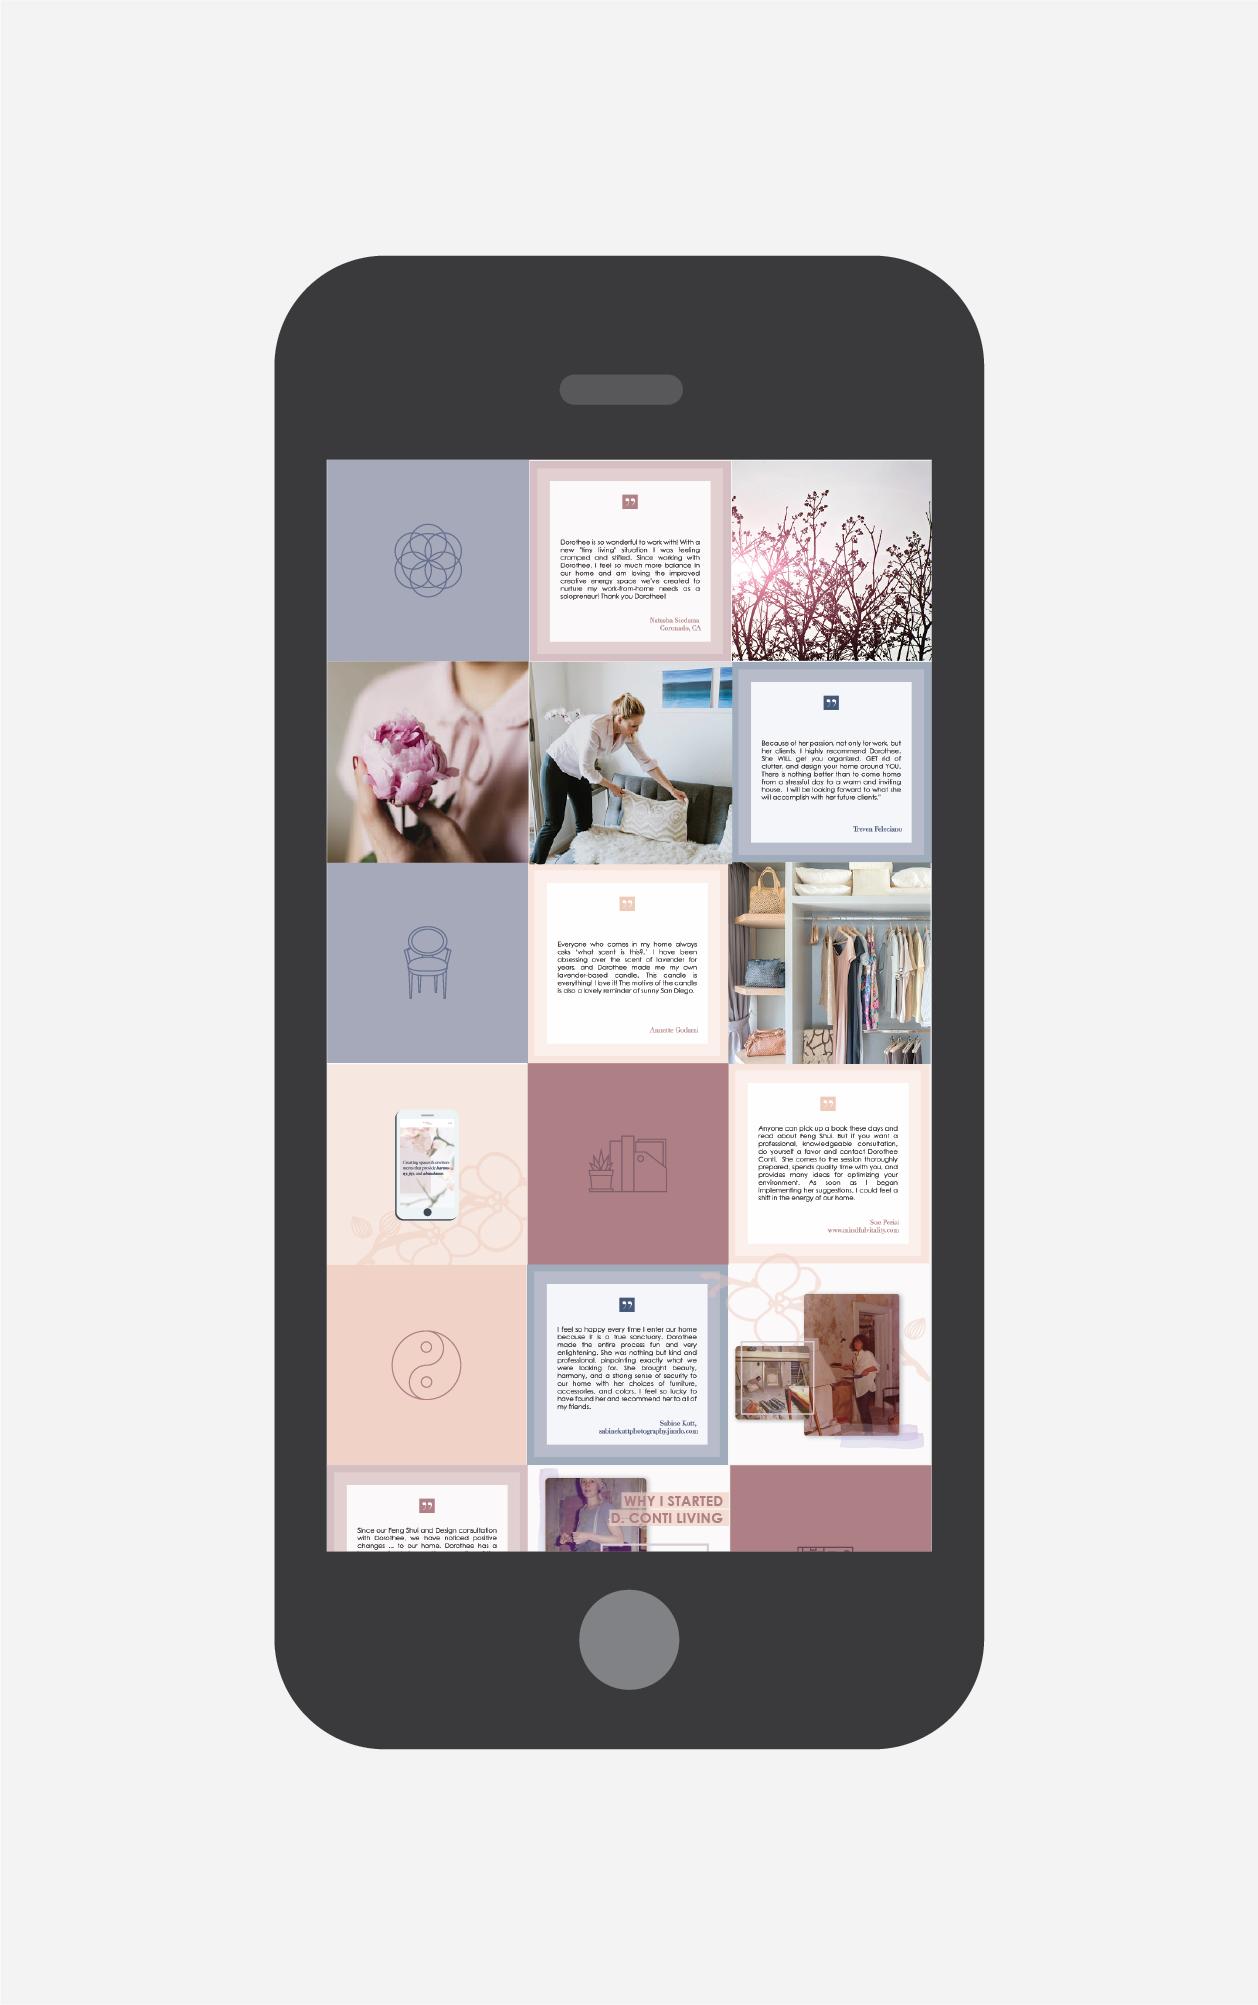 d conti living social media grid design